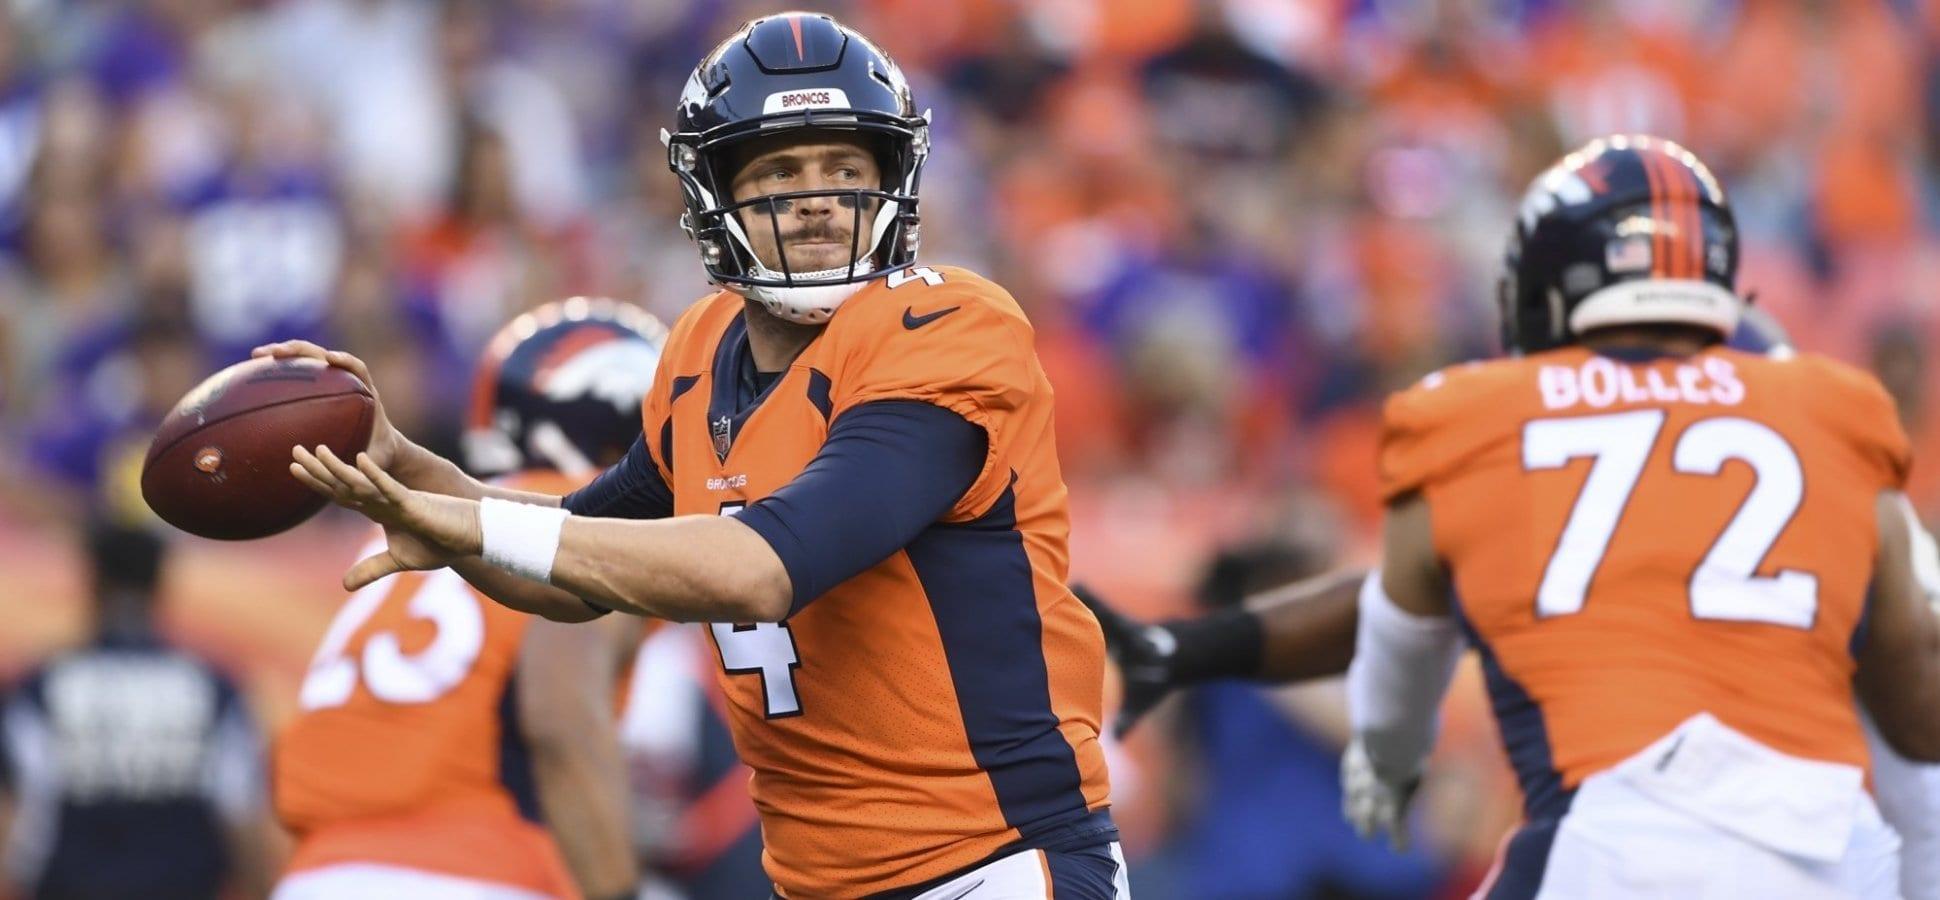 Broncos QB Case Keenum